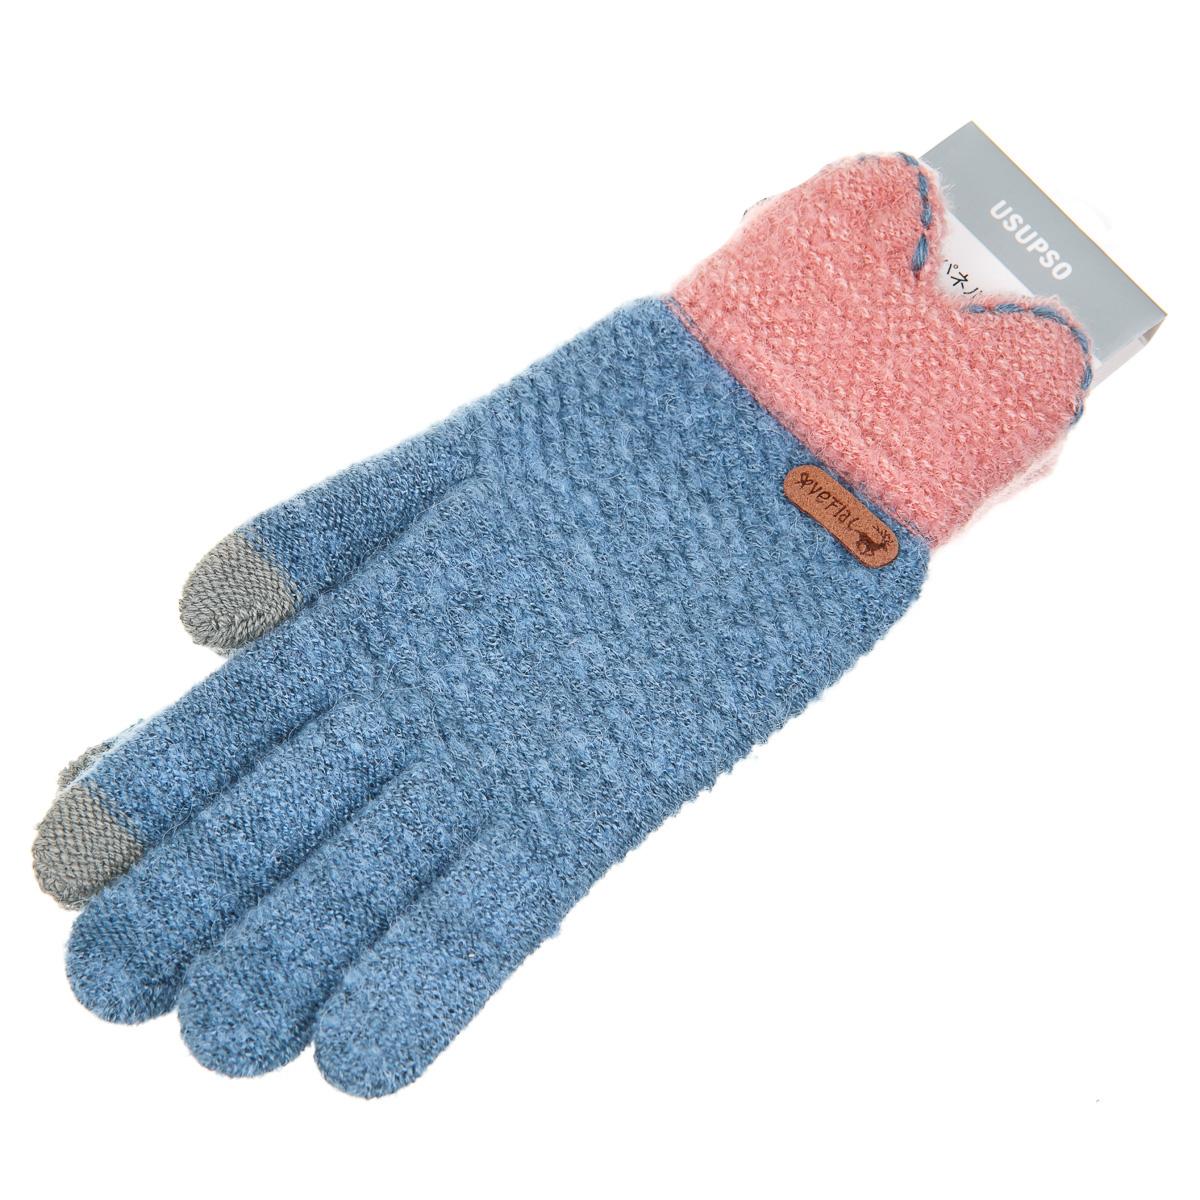 Перчатки голубые с резинкой фигурной розовой